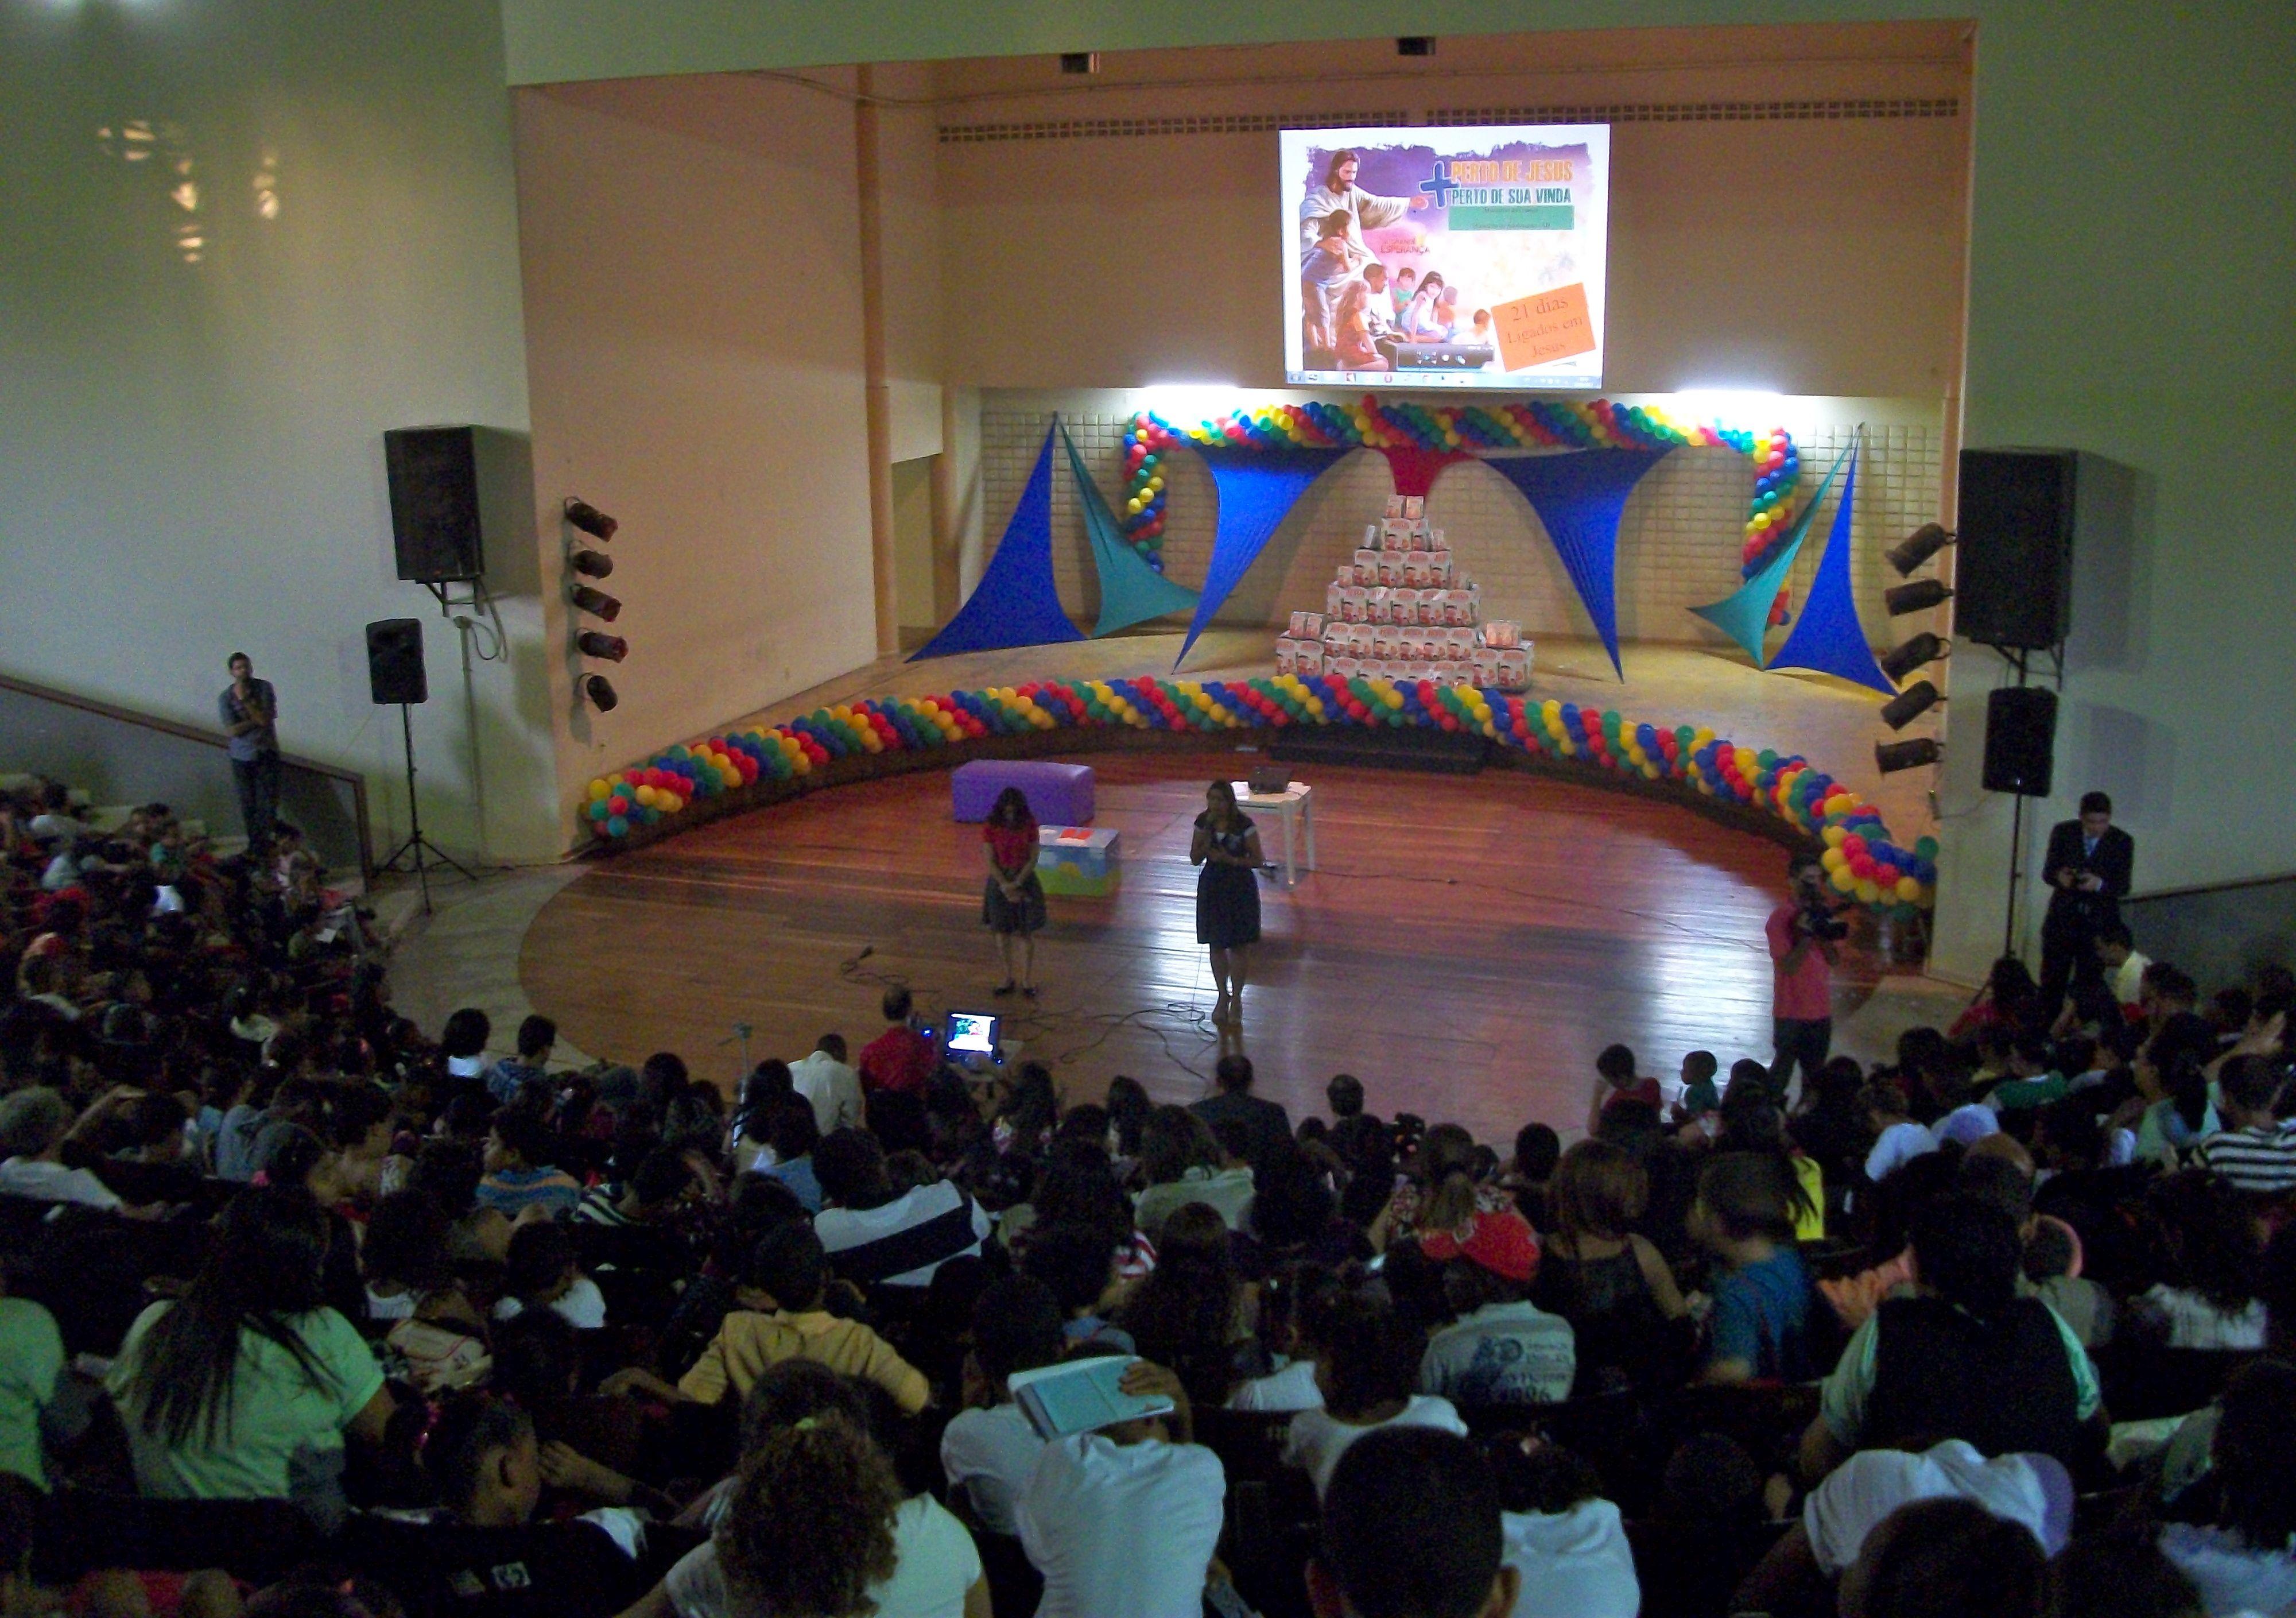 Jornada espiritual motiva crianças a busca diária do Espírito Santo.